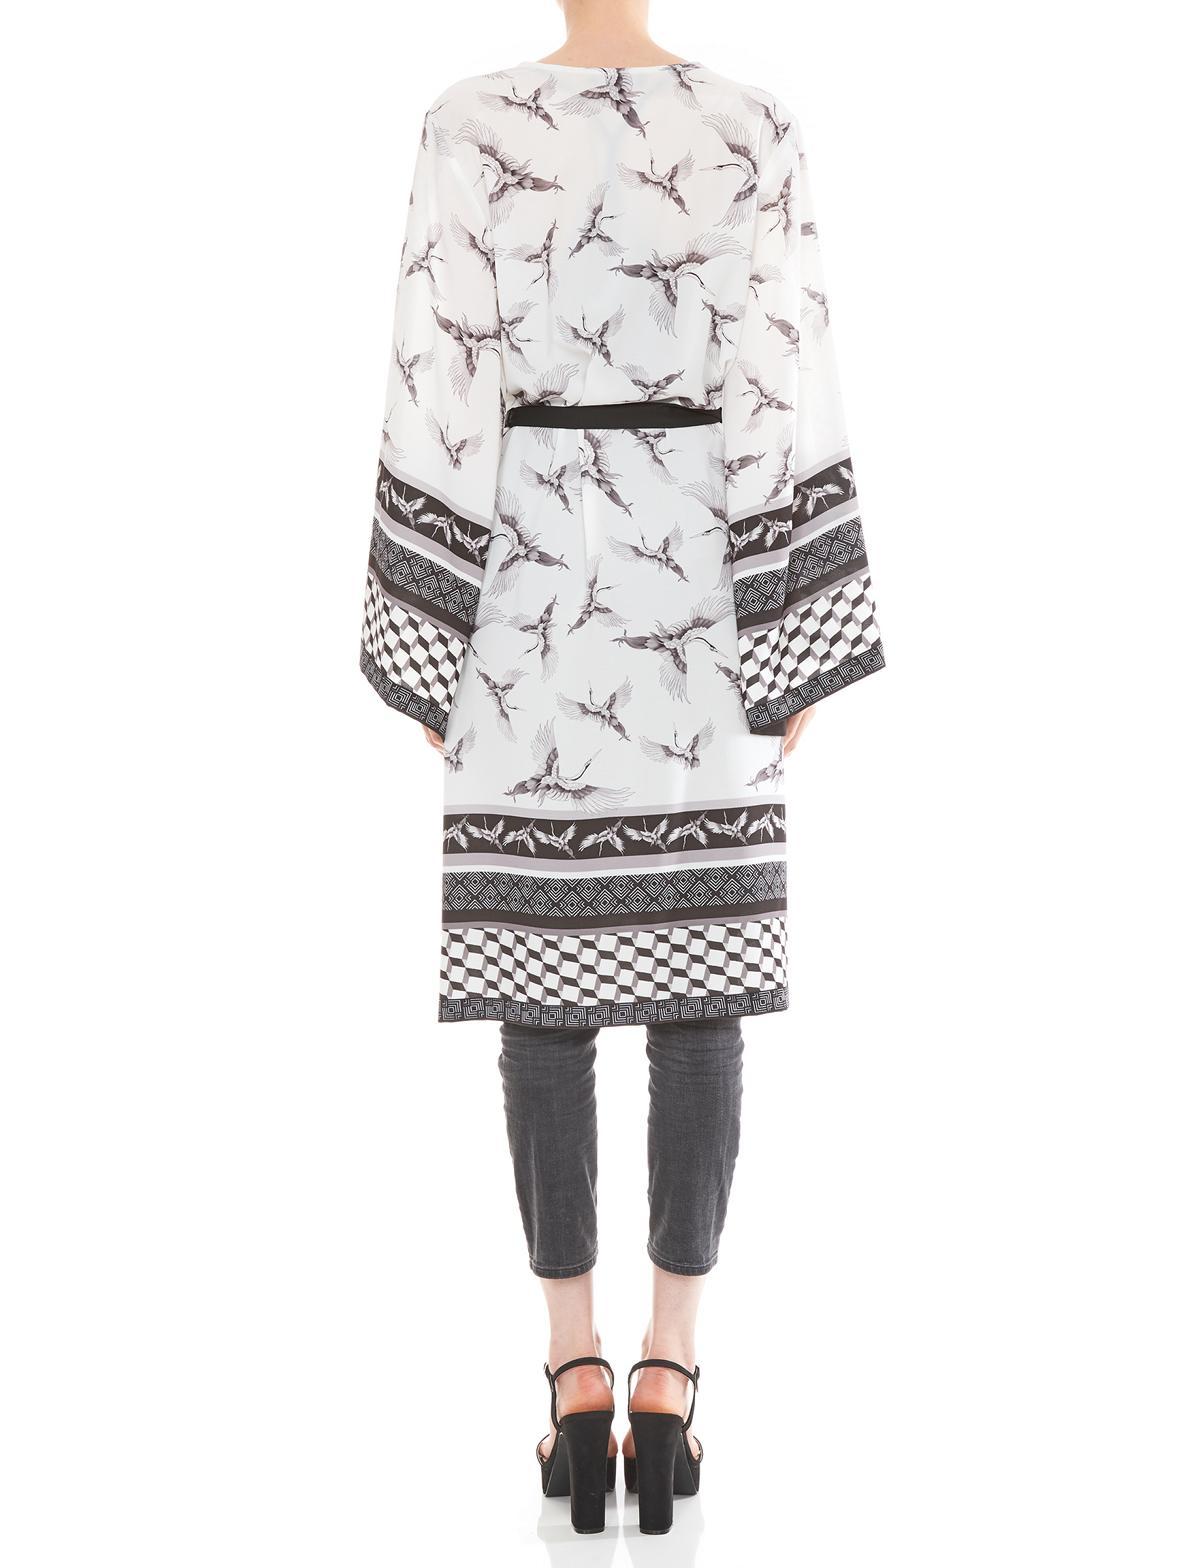 Rückansicht von Ana Alcazar Kimono Meybel White  angezogen an Model